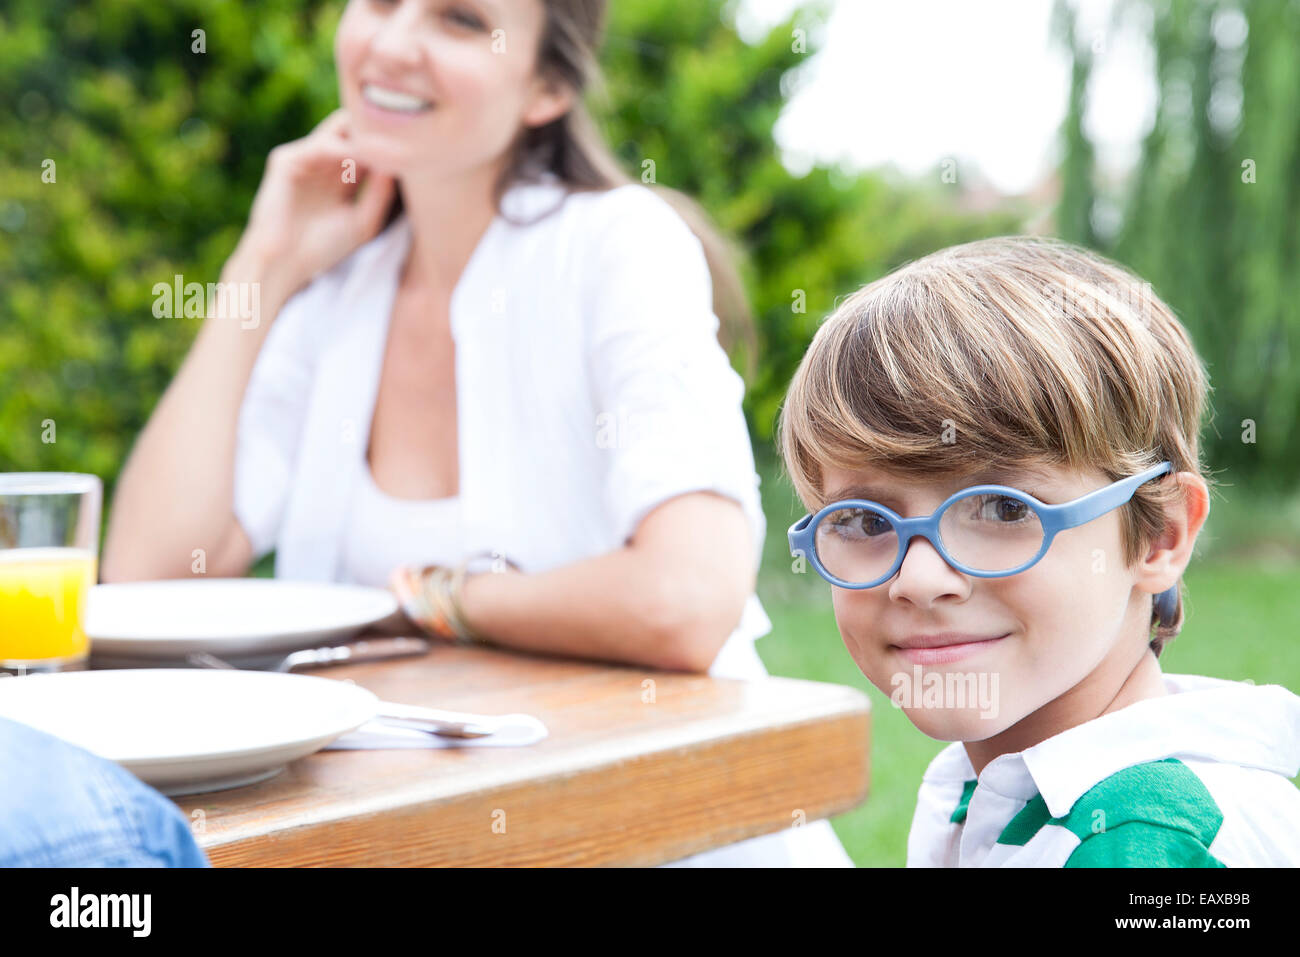 Chico sentado en la mesa al aire libre con la familia, sonriendo a la cámara Imagen De Stock